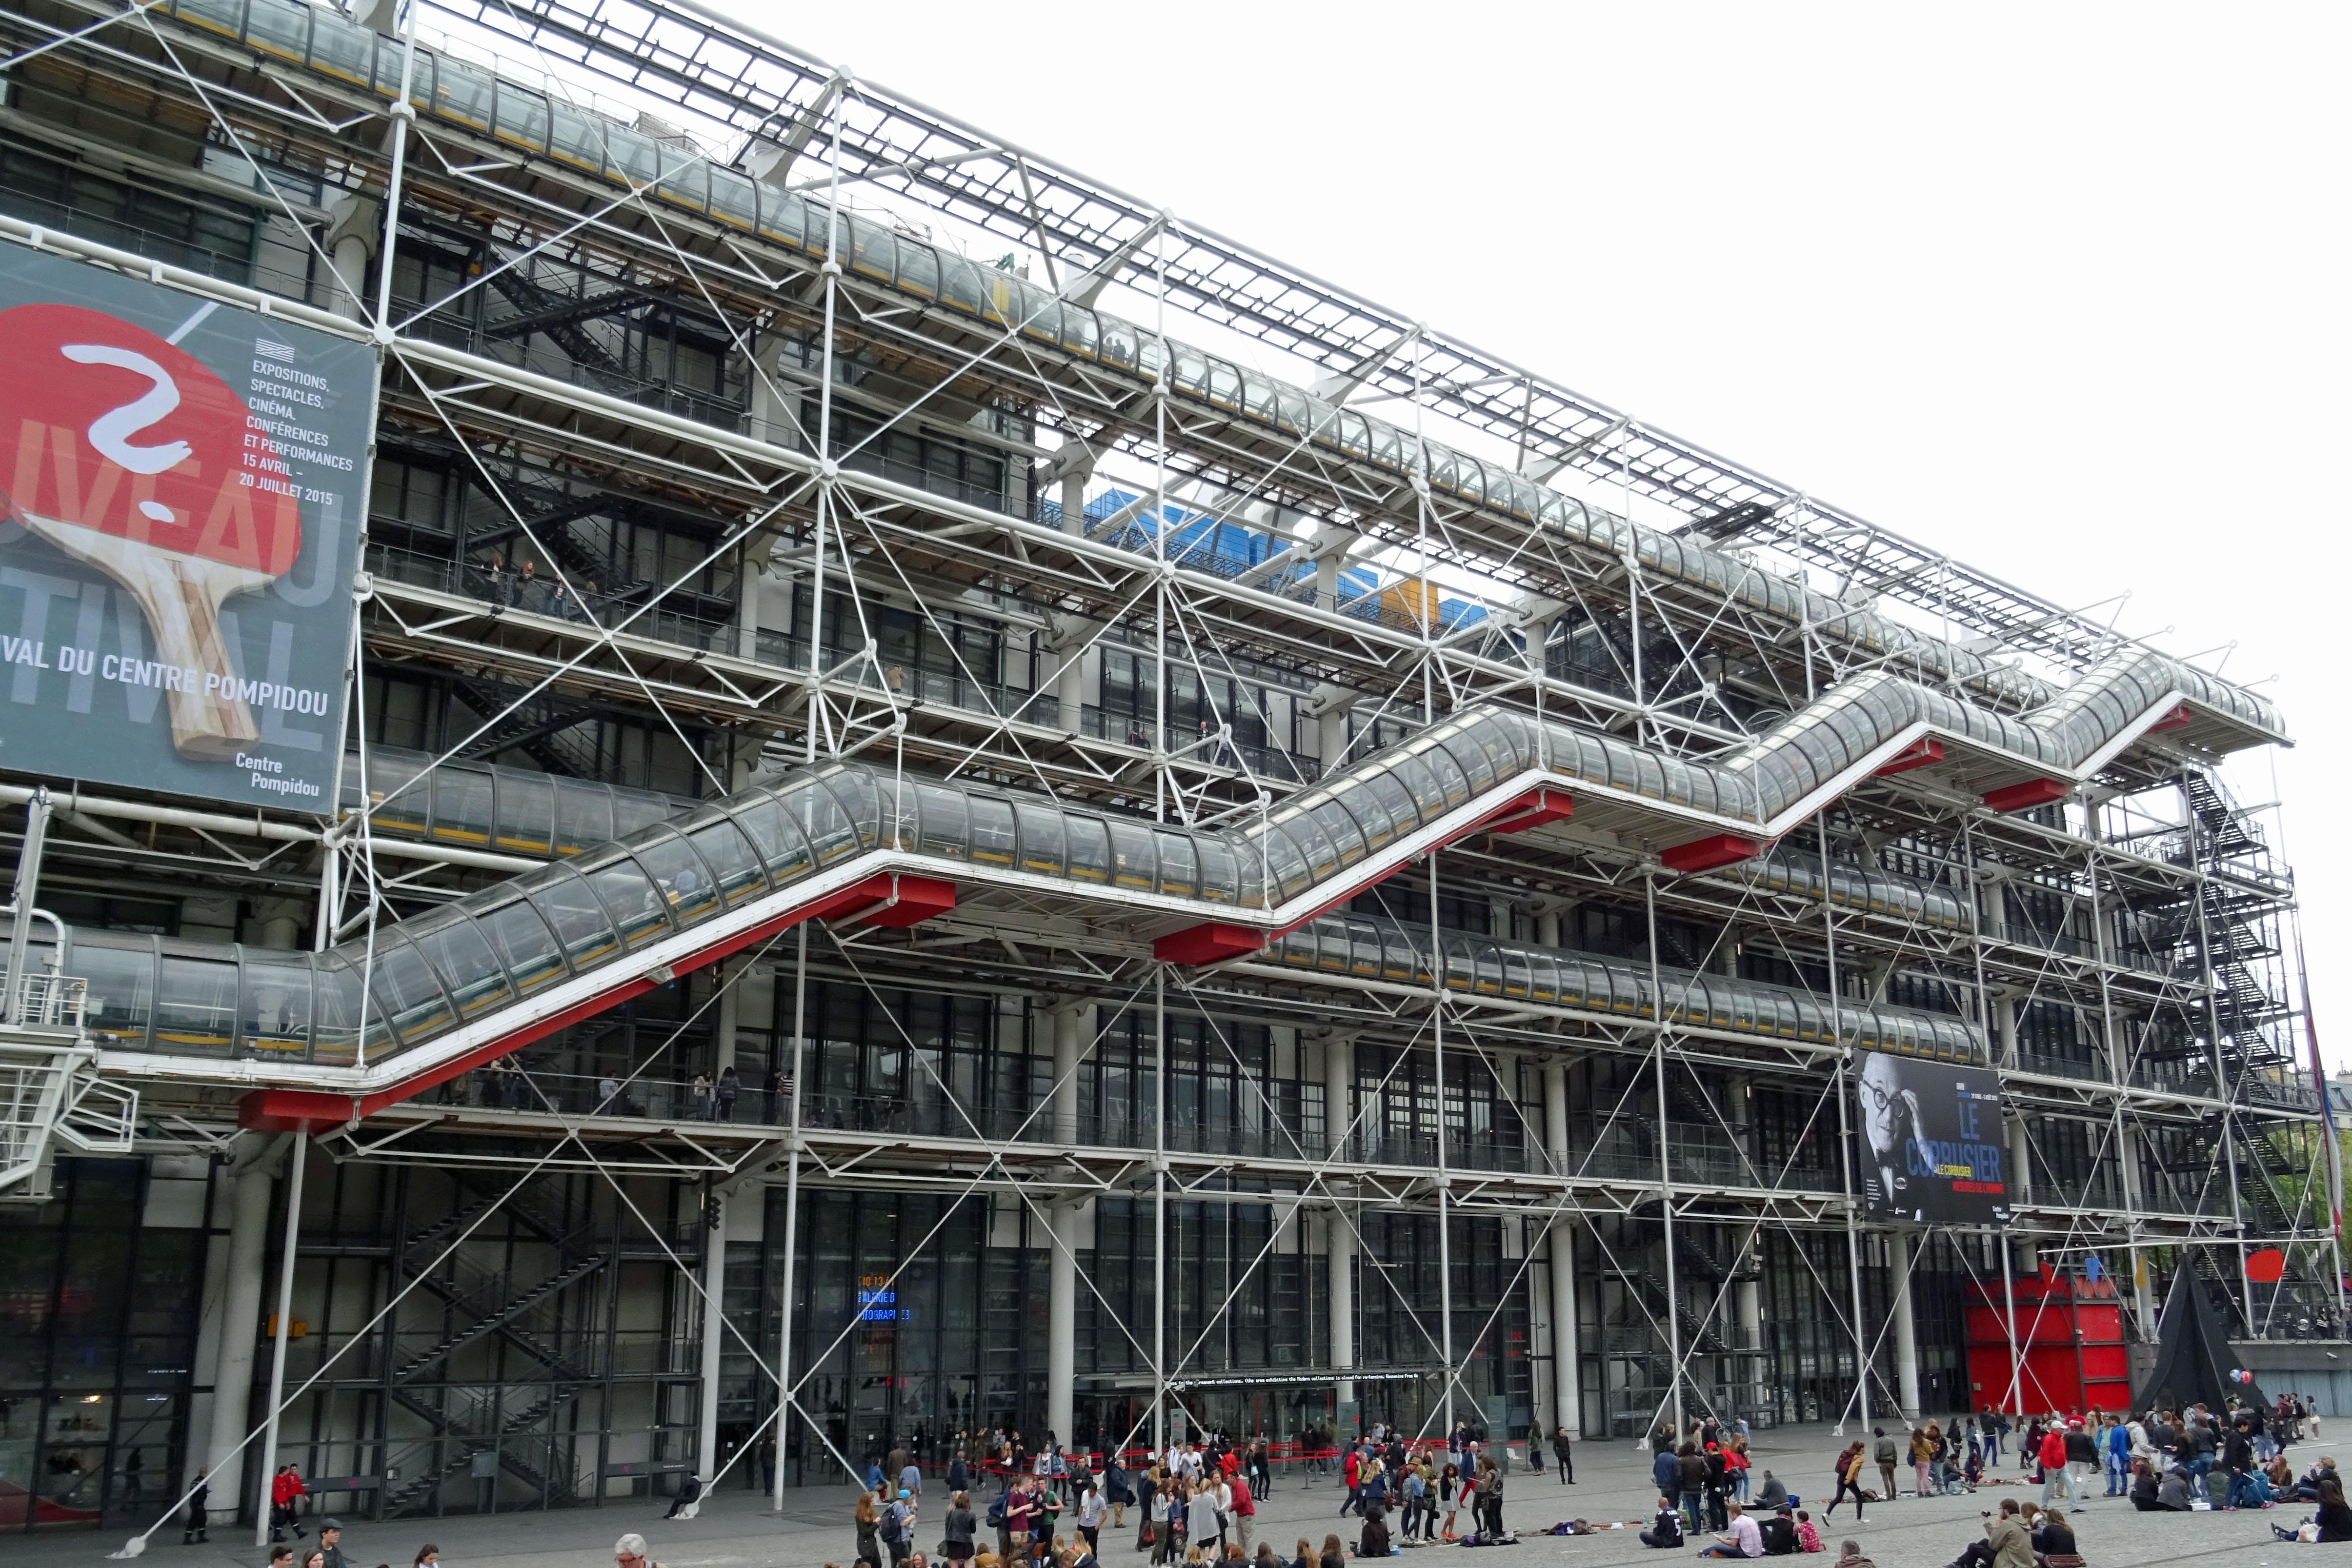 90 Centre Pompidou